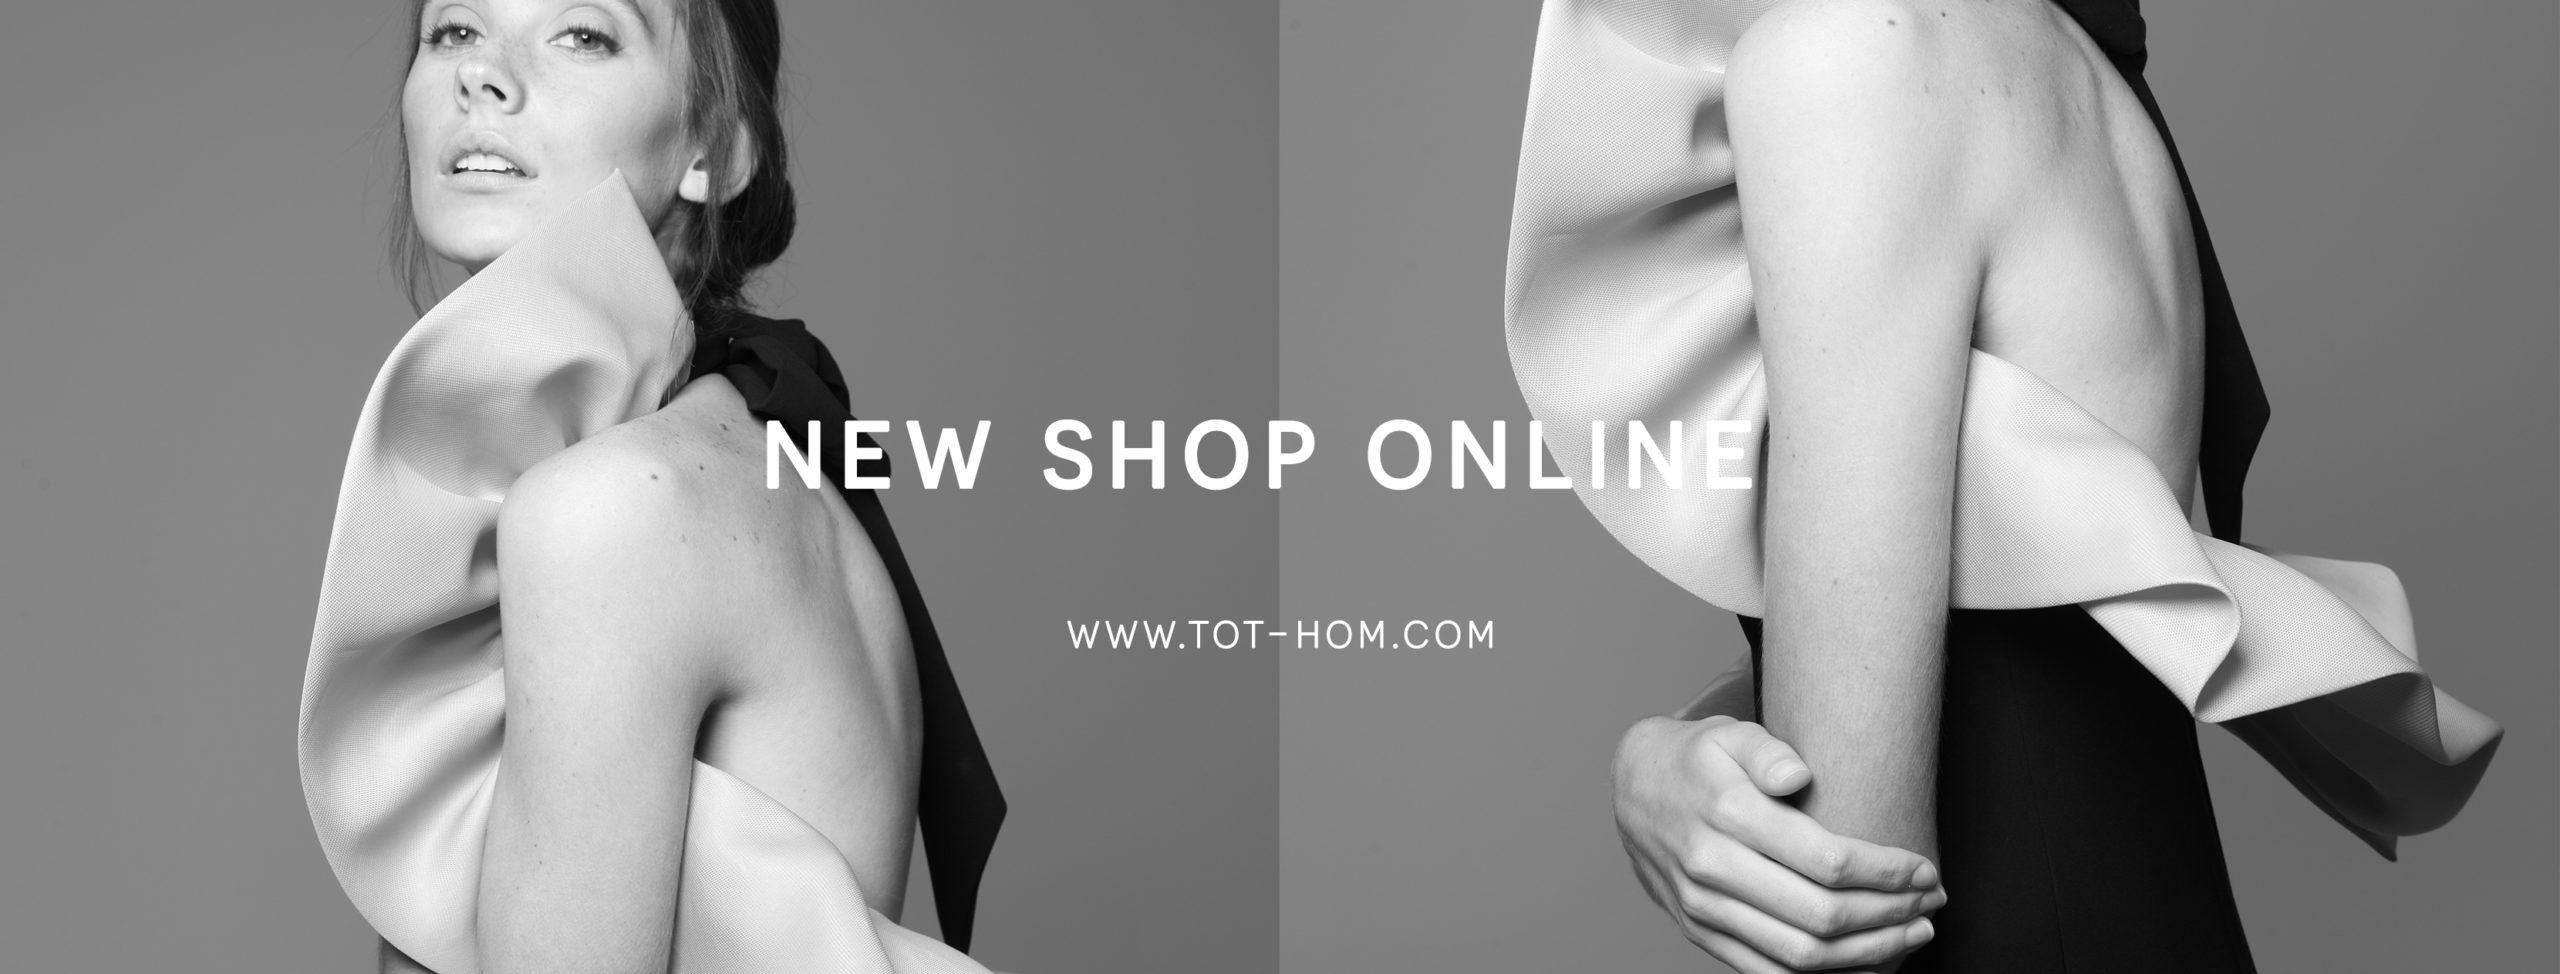 shop online tot-hom